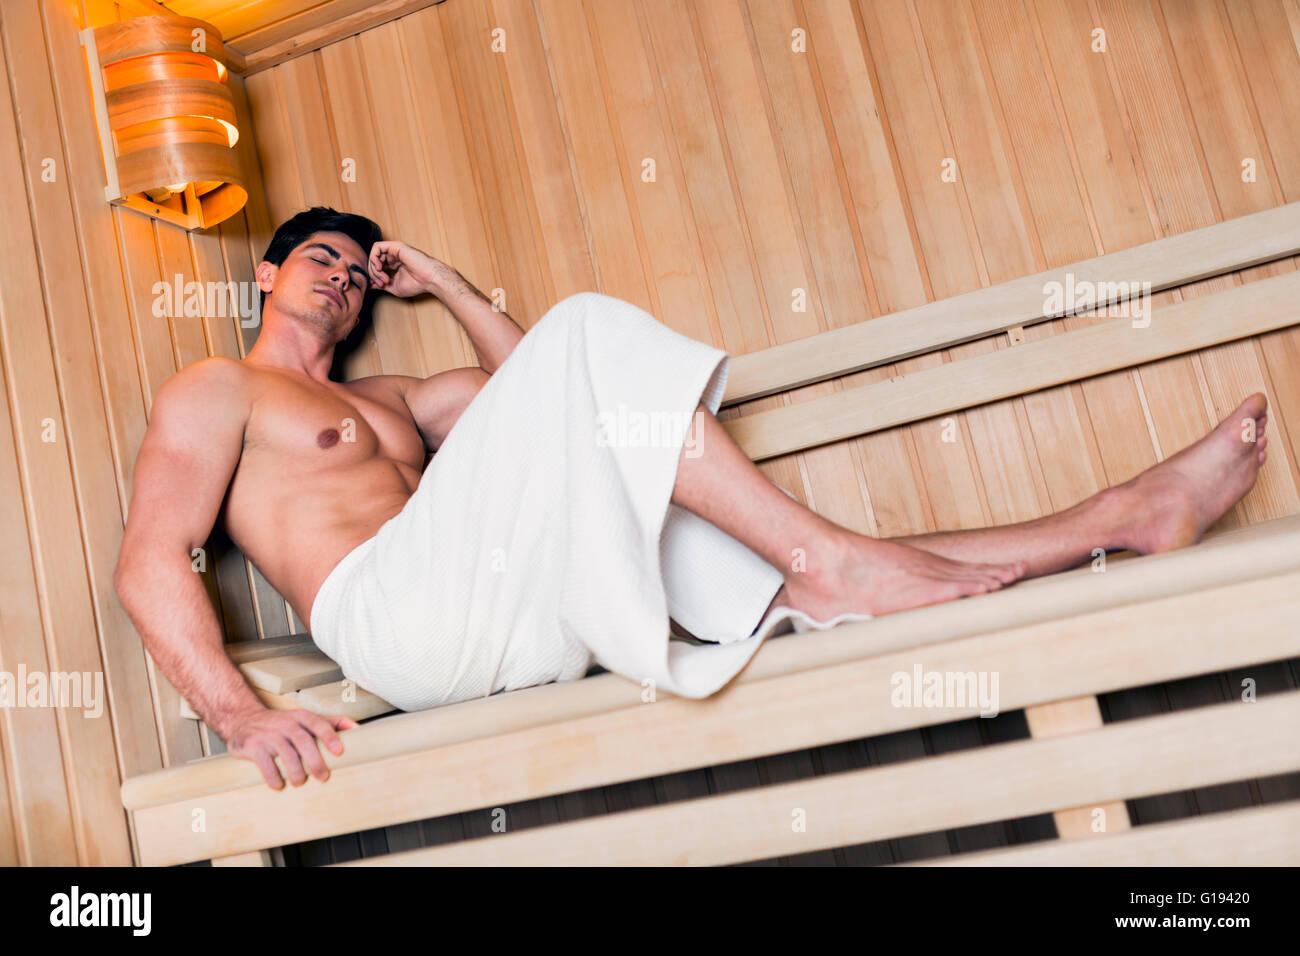 Entspannung in der Sauna mit Handtuch gut aussehender Mann um seine Taille gewickelt Stockbild